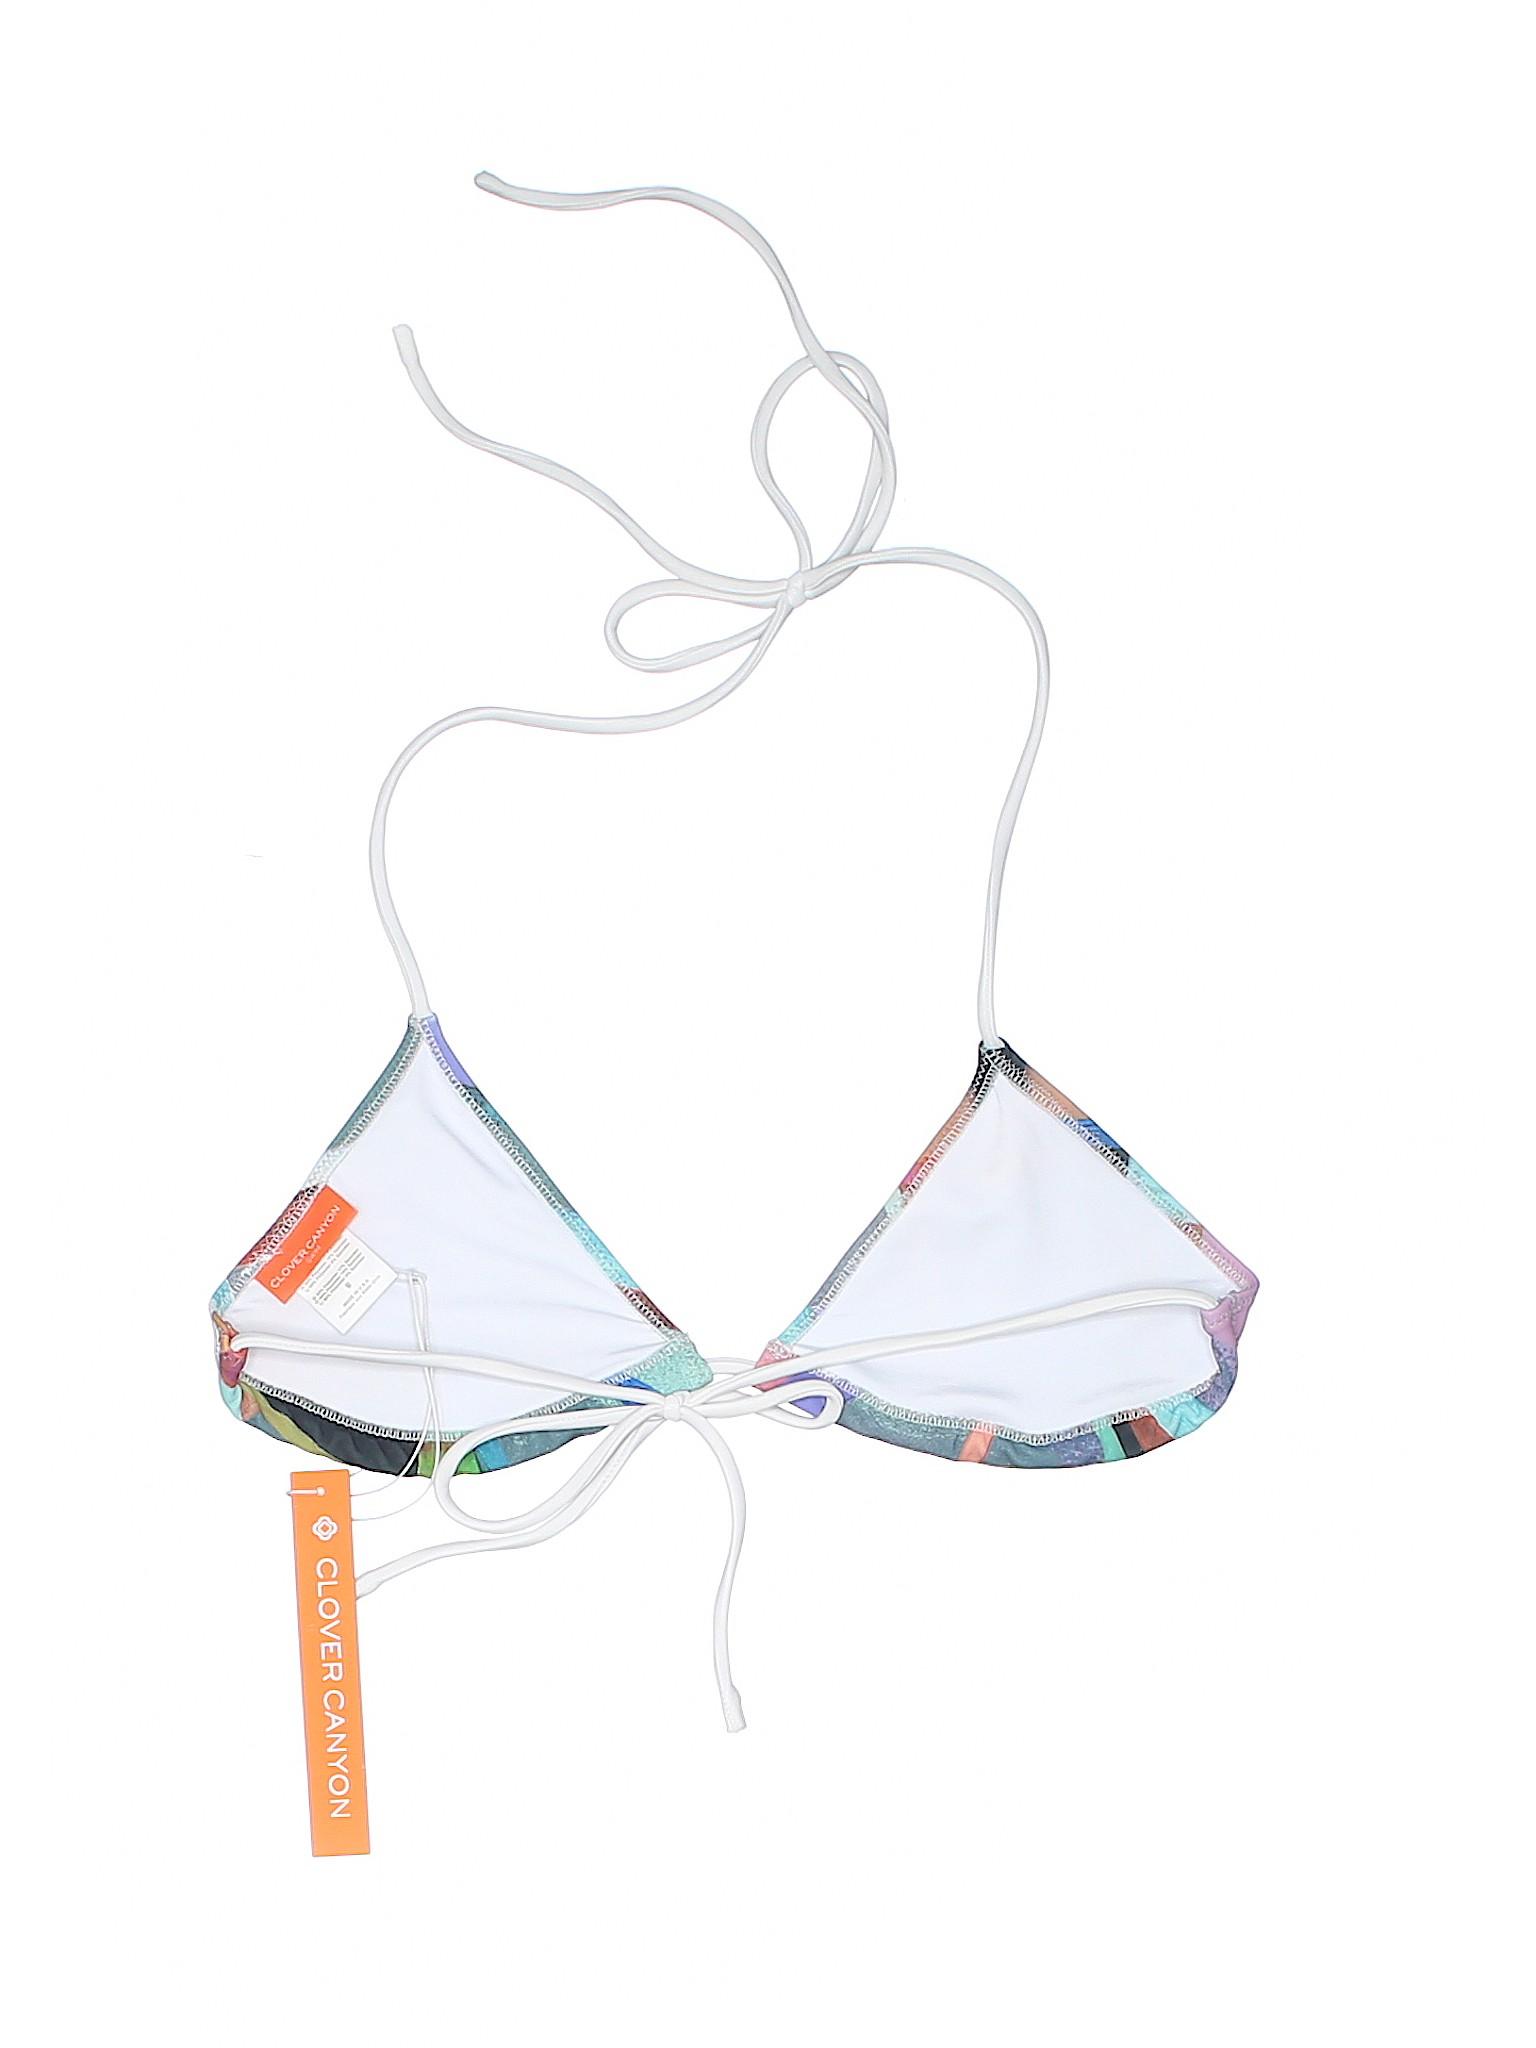 Clover Clover Canyon Boutique Swimsuit Canyon Boutique Top gxP58w7q5